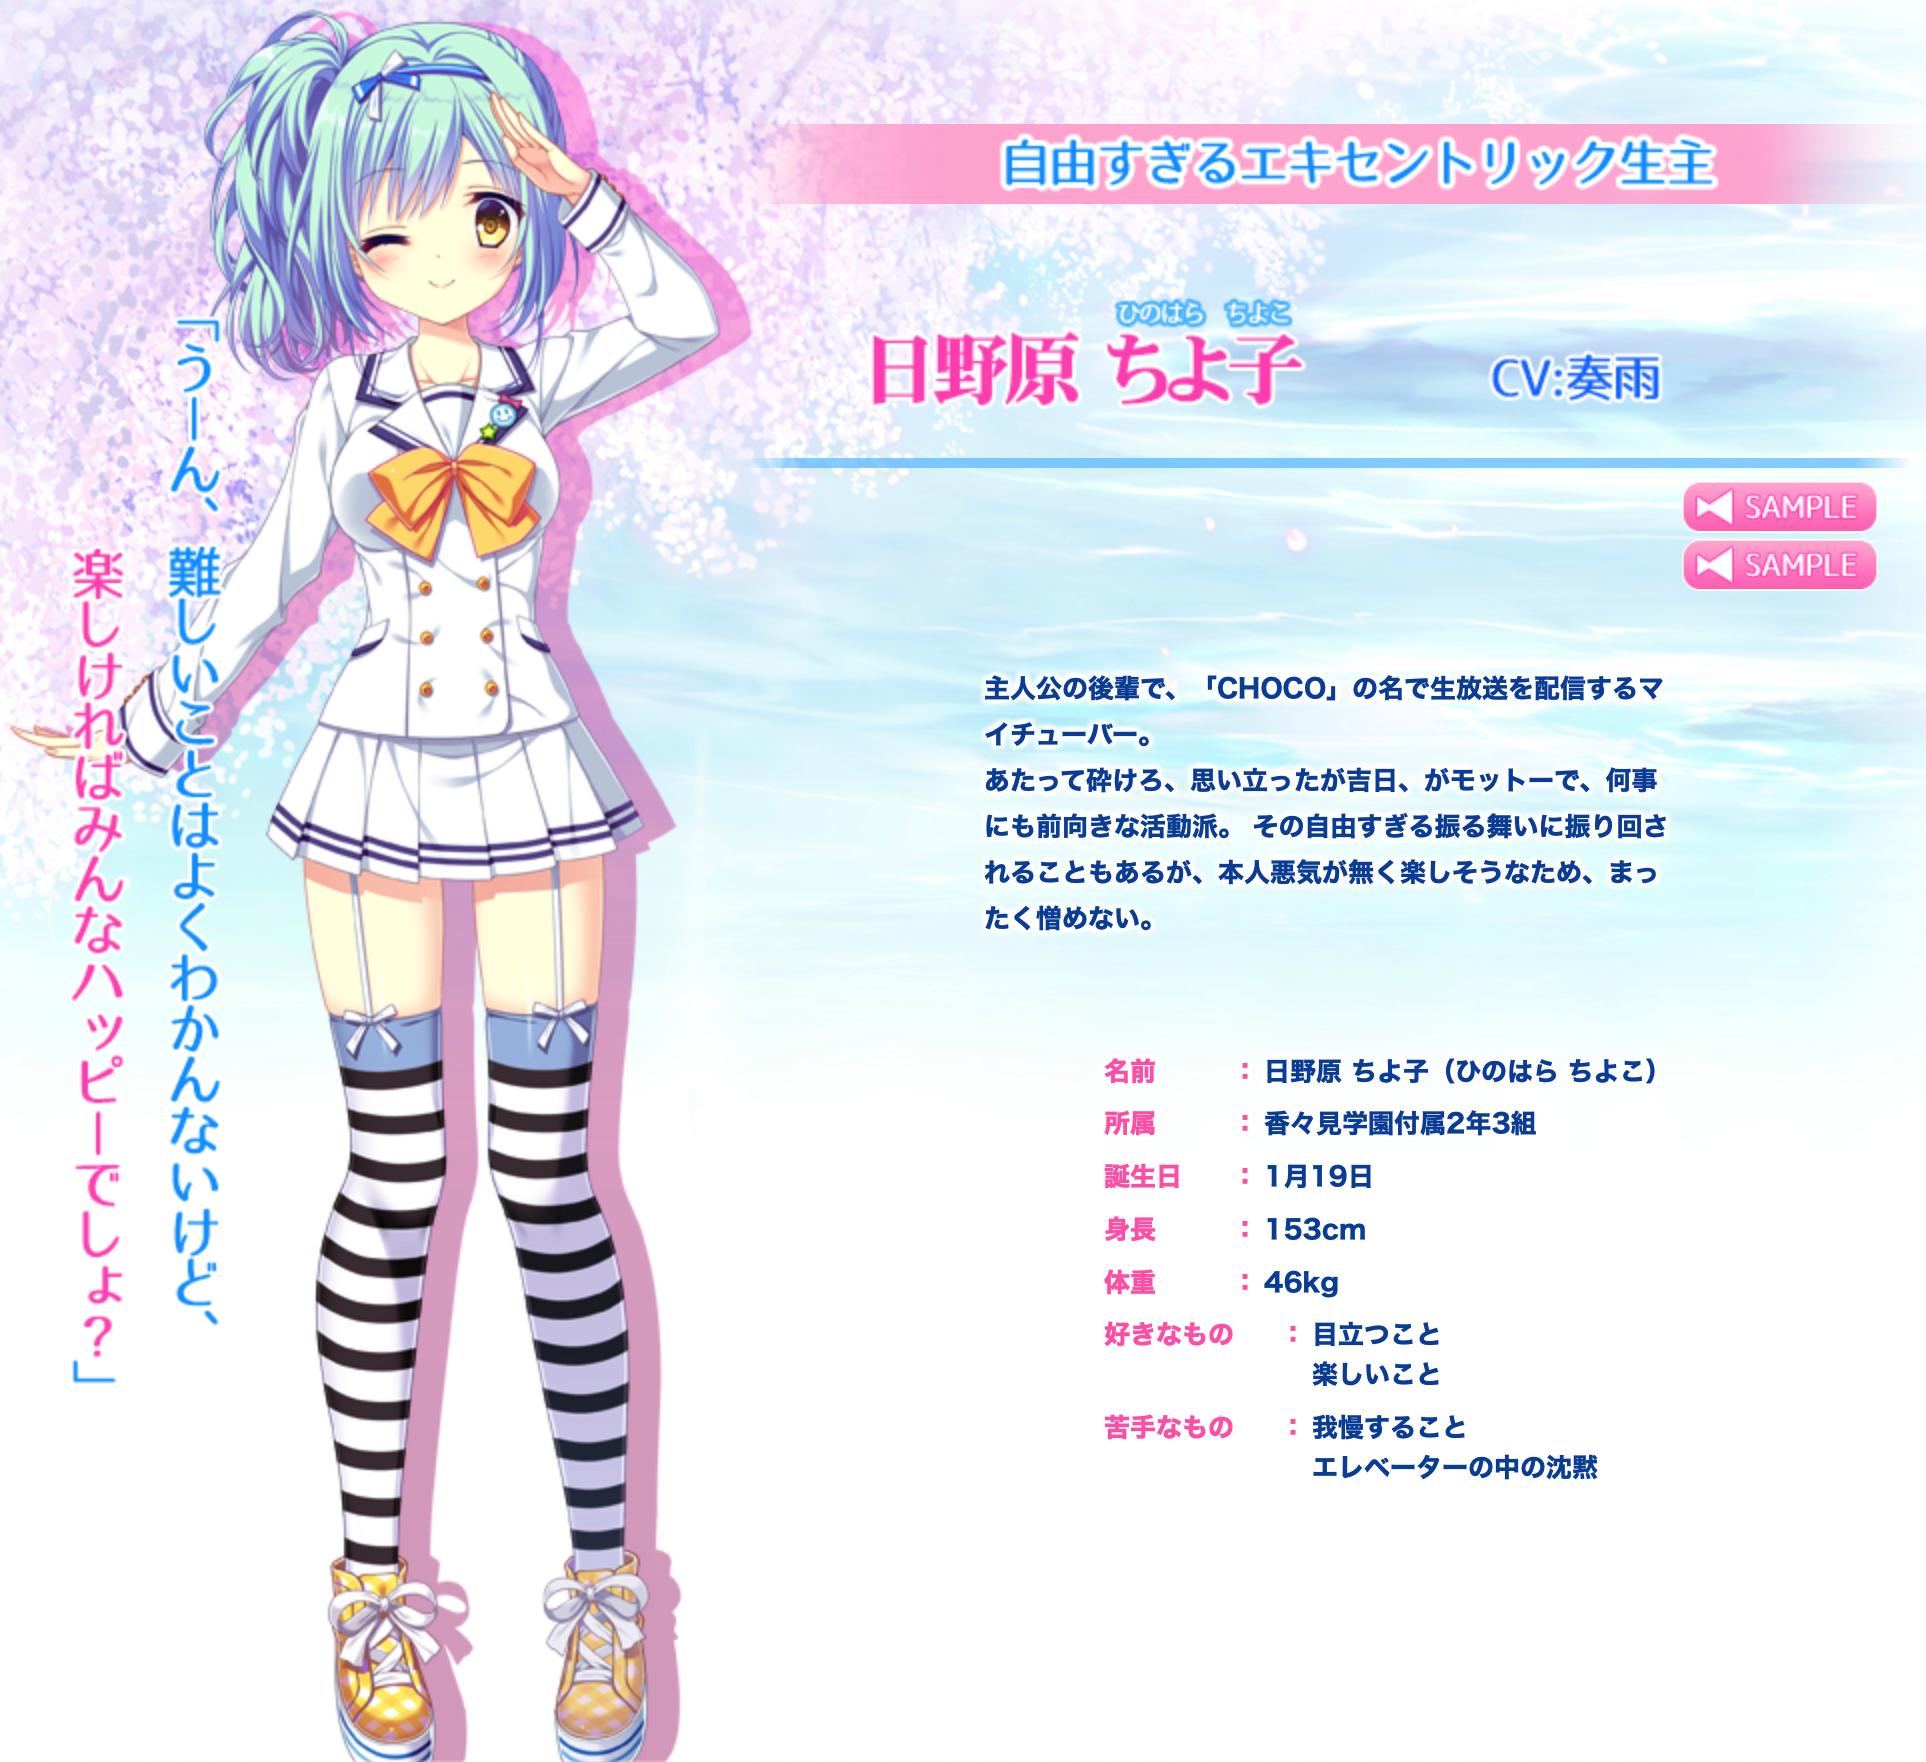 [生肉/PC/ADV]D.C.4 Plus Harmony ~ダ・カーポ4~ プラスハーモニー 豪華限定版[5.11GB] 19